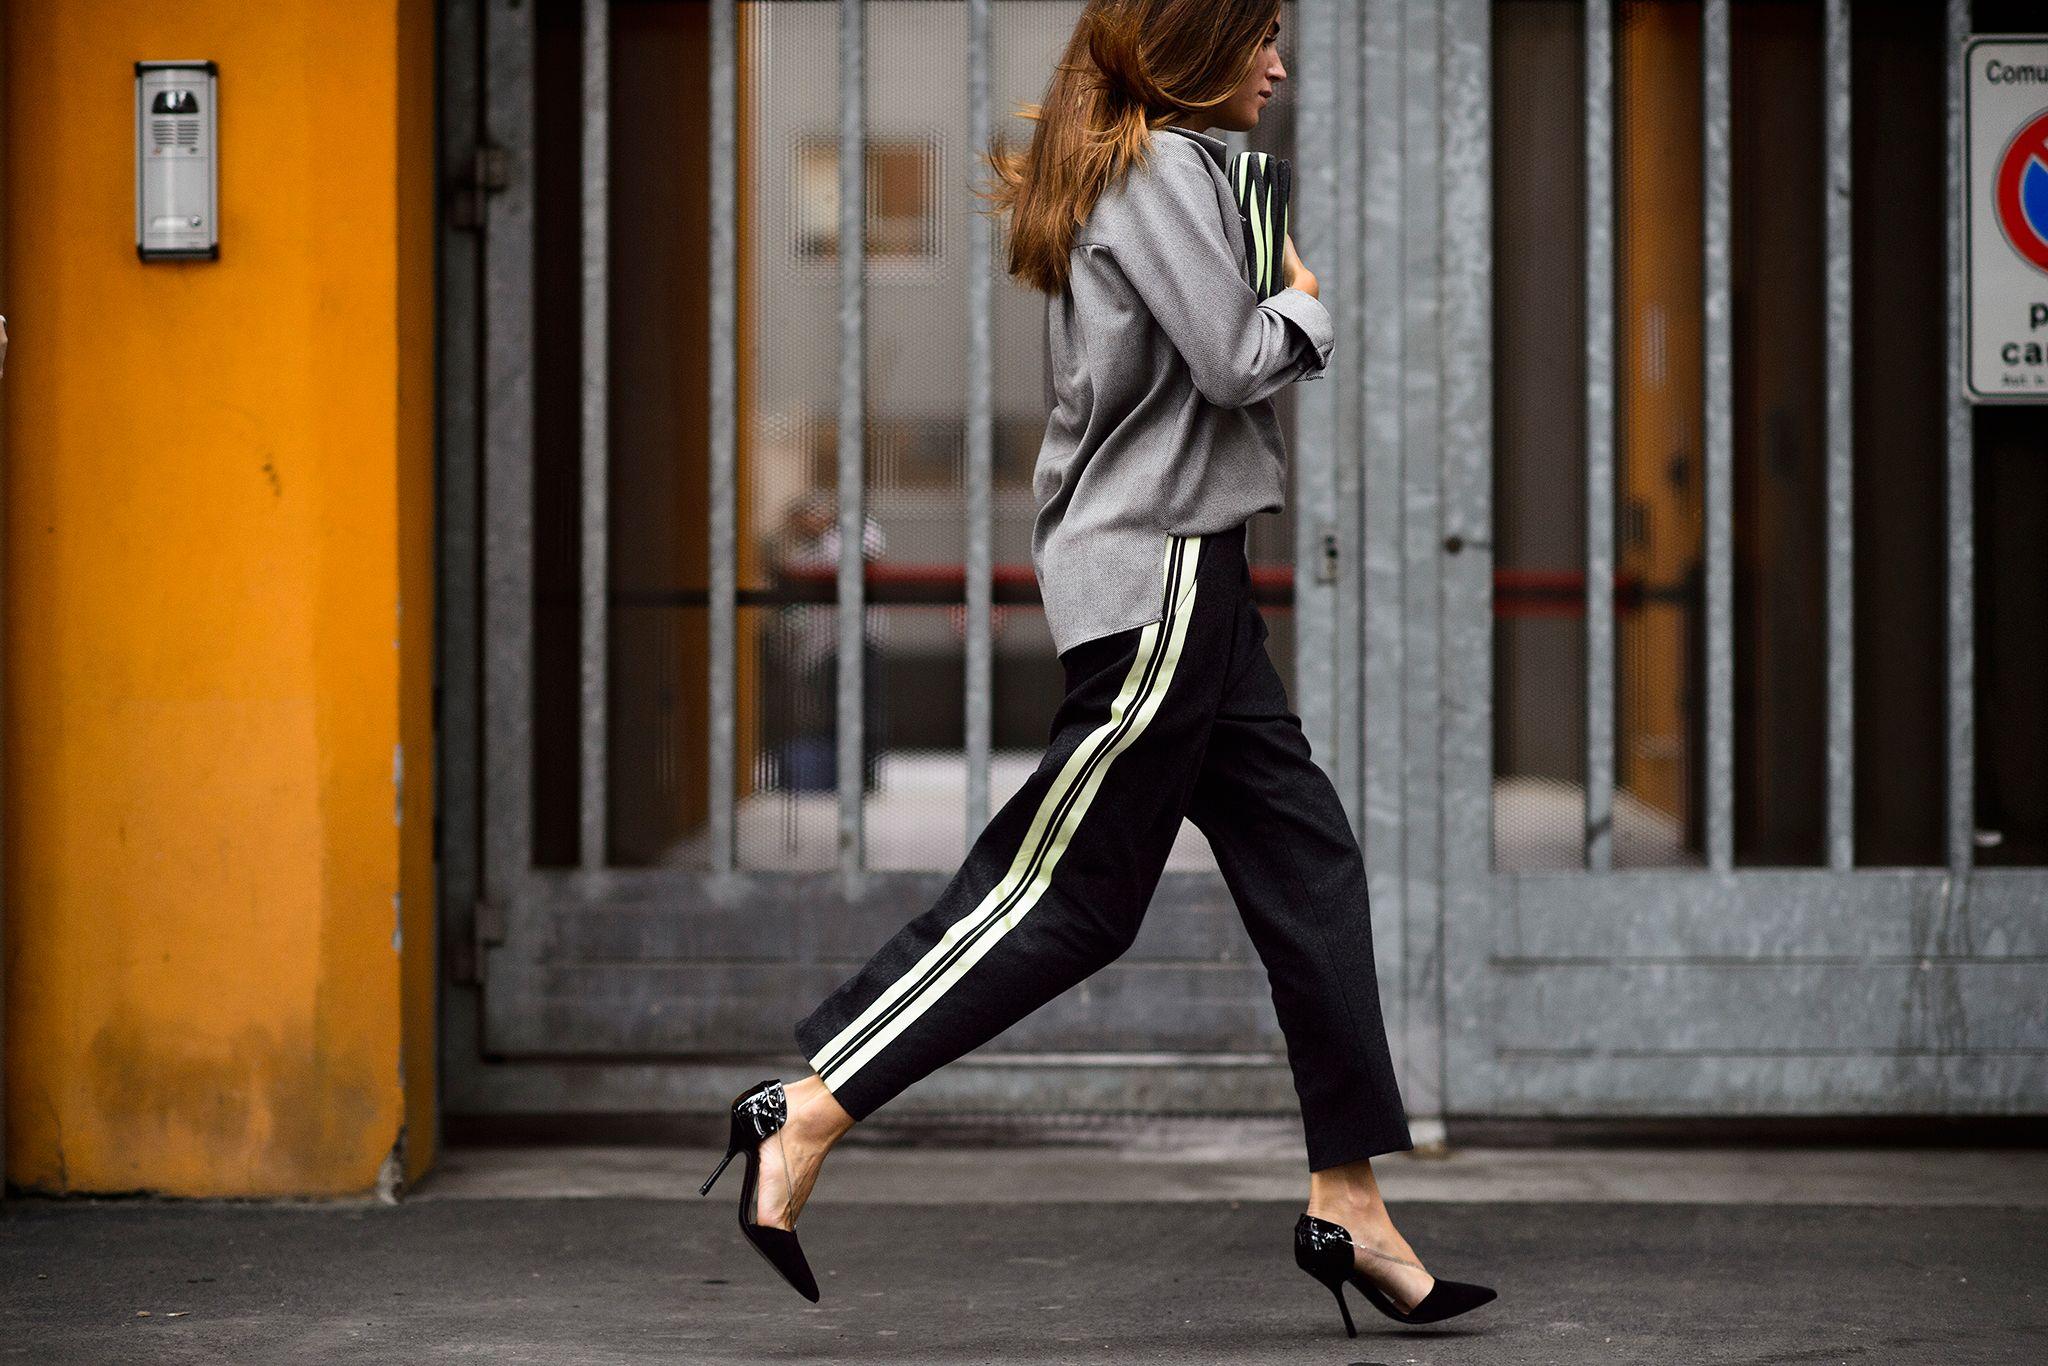 Pantaloni: i modelli da acquistare per questo autunno 2016